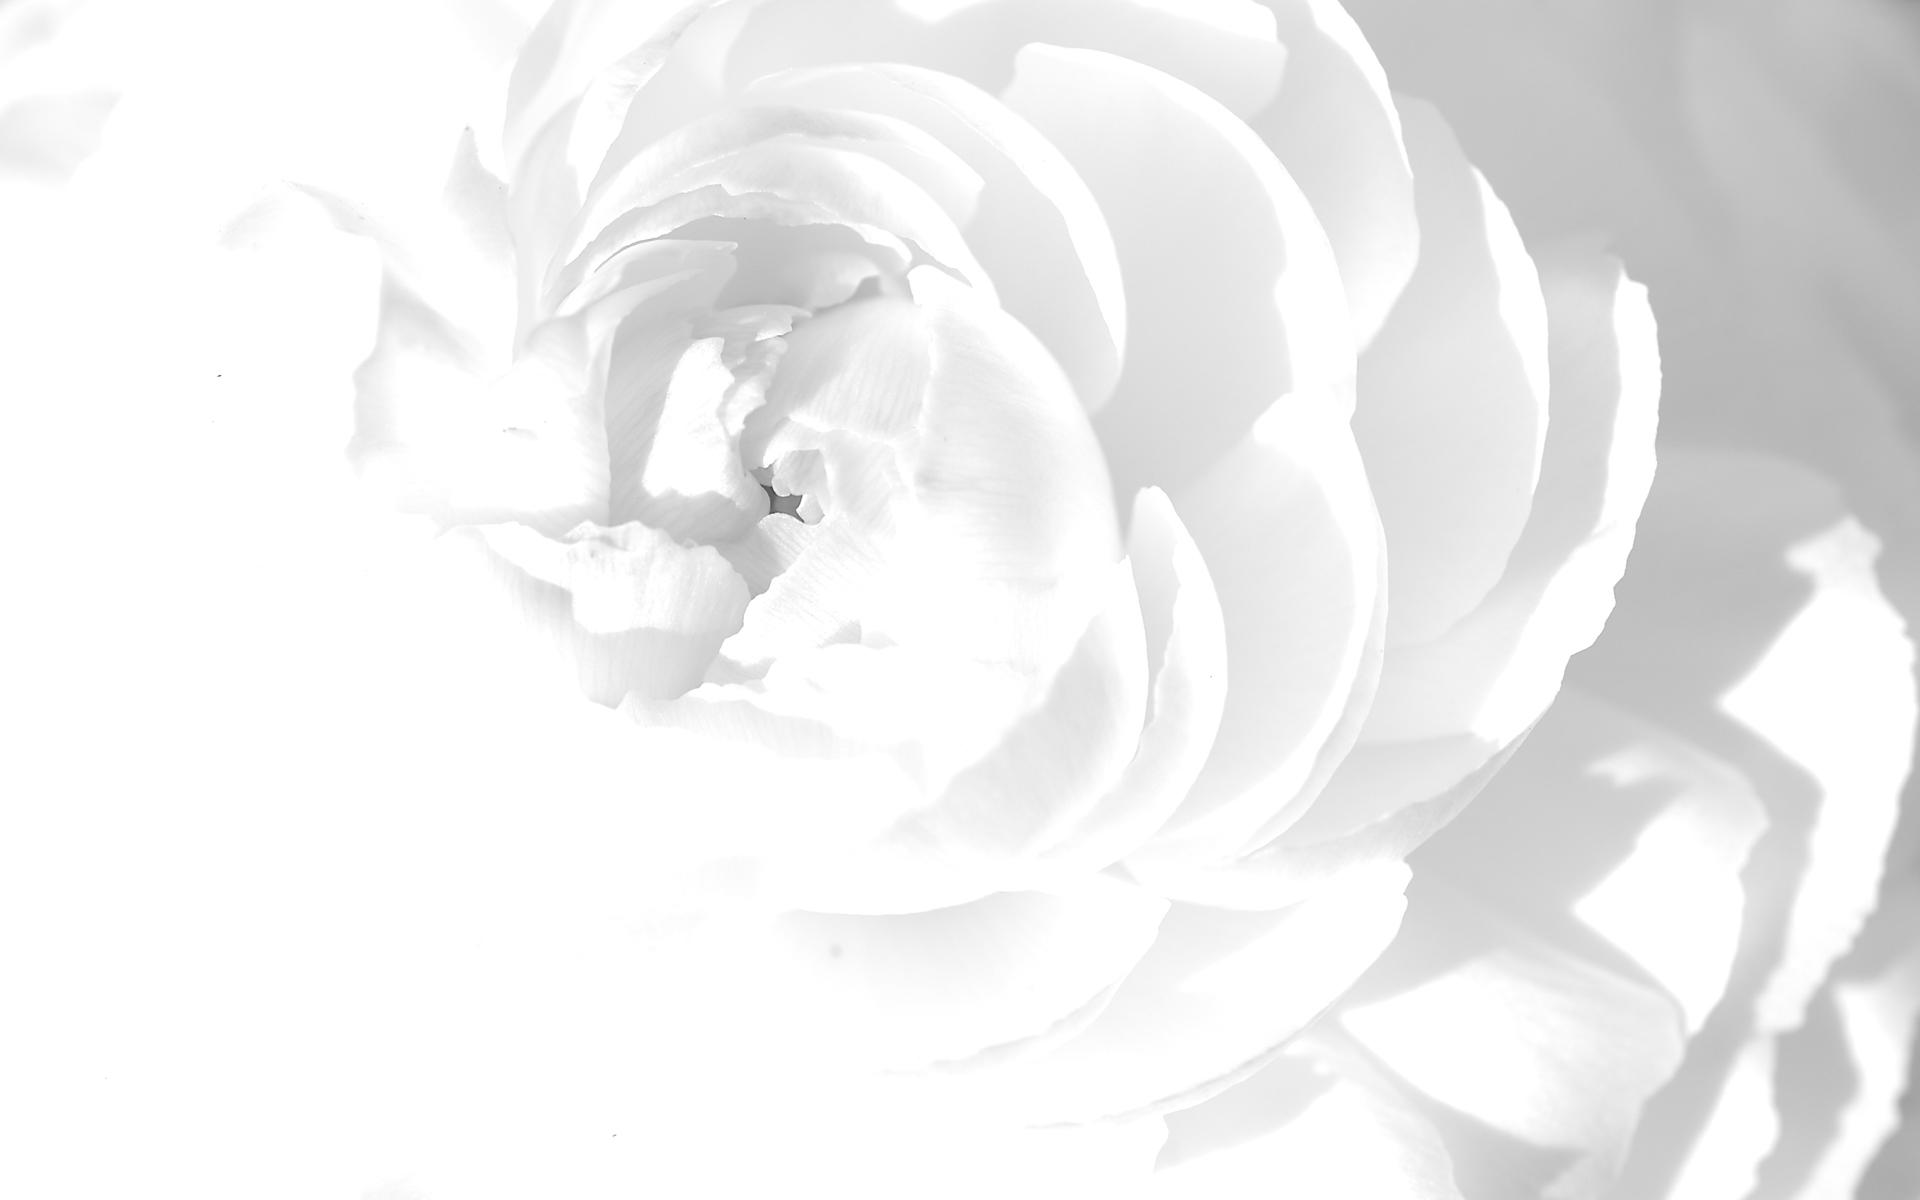 بالصور خلفية بيضاء ساده , اجمل الخلفيات البيضاء 6164 1